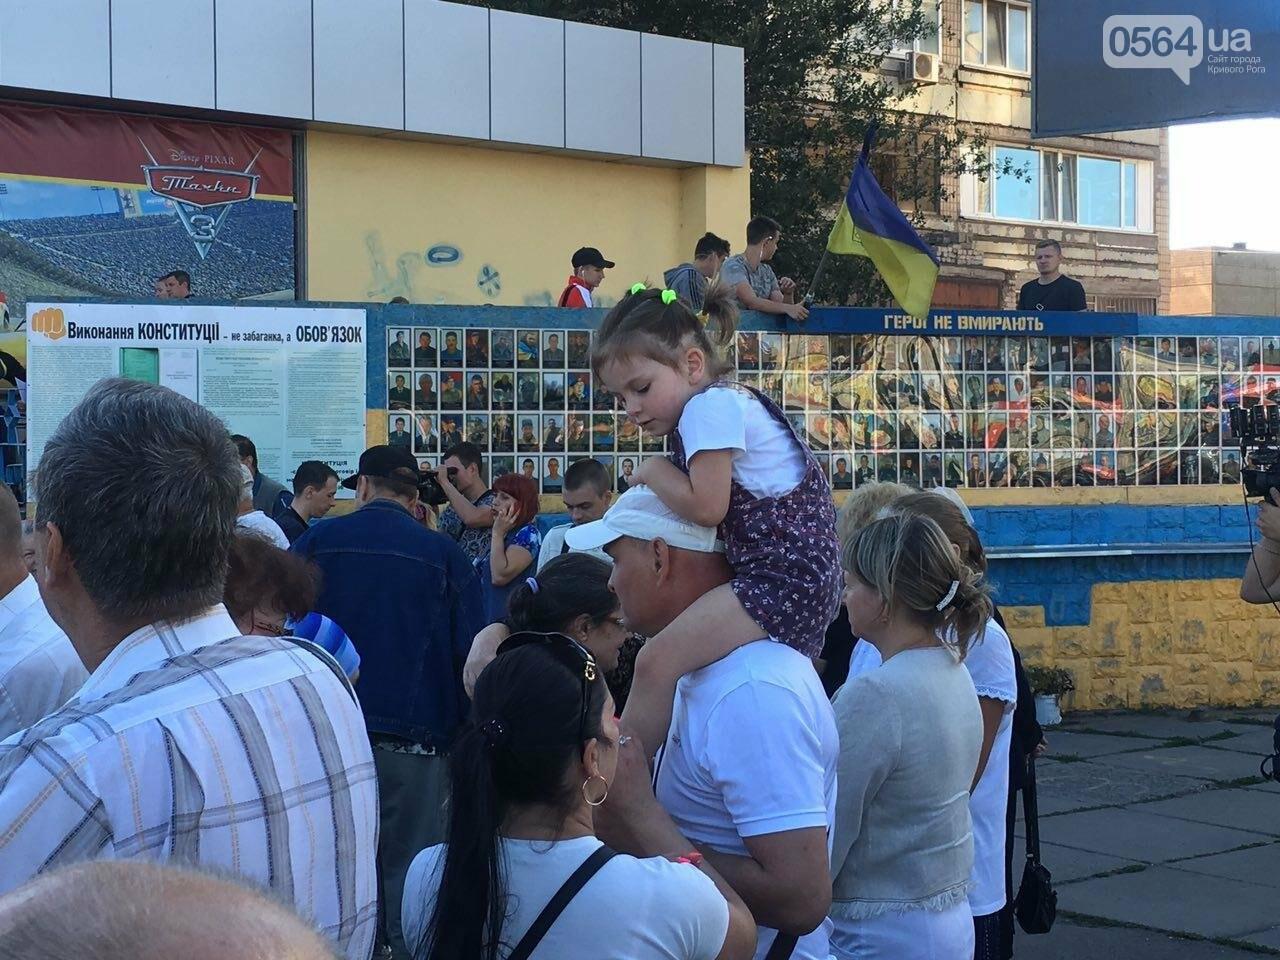 Криворожане собрались на Марш за традиционные семейные ценности, - ФОТО, ПРЯМОЙ ЭФИР, фото-7